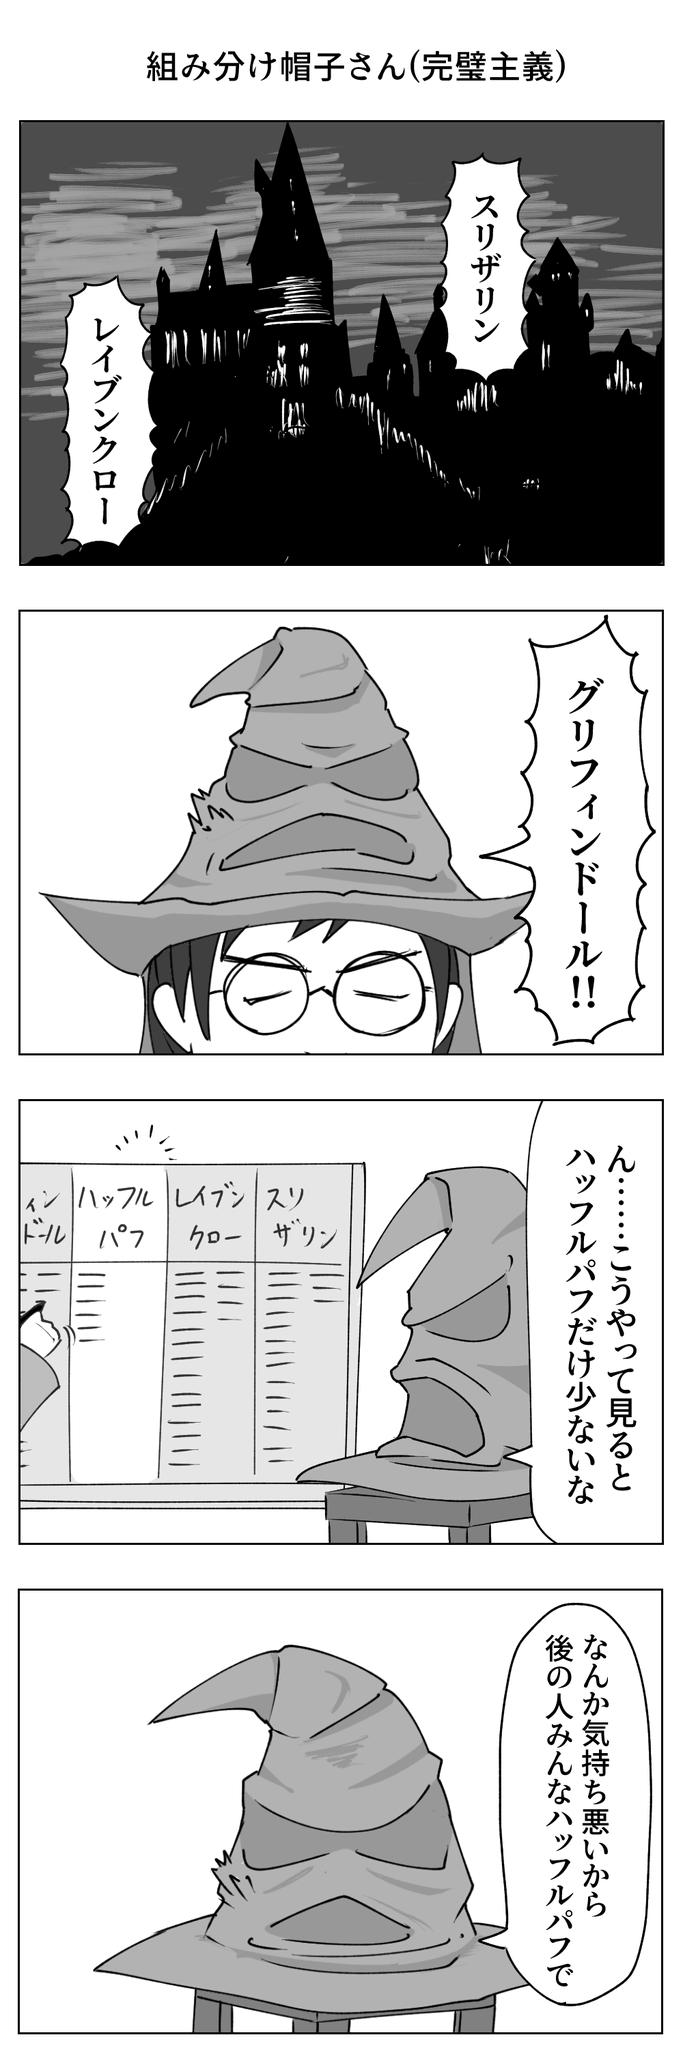 ハリーポッターの漫画